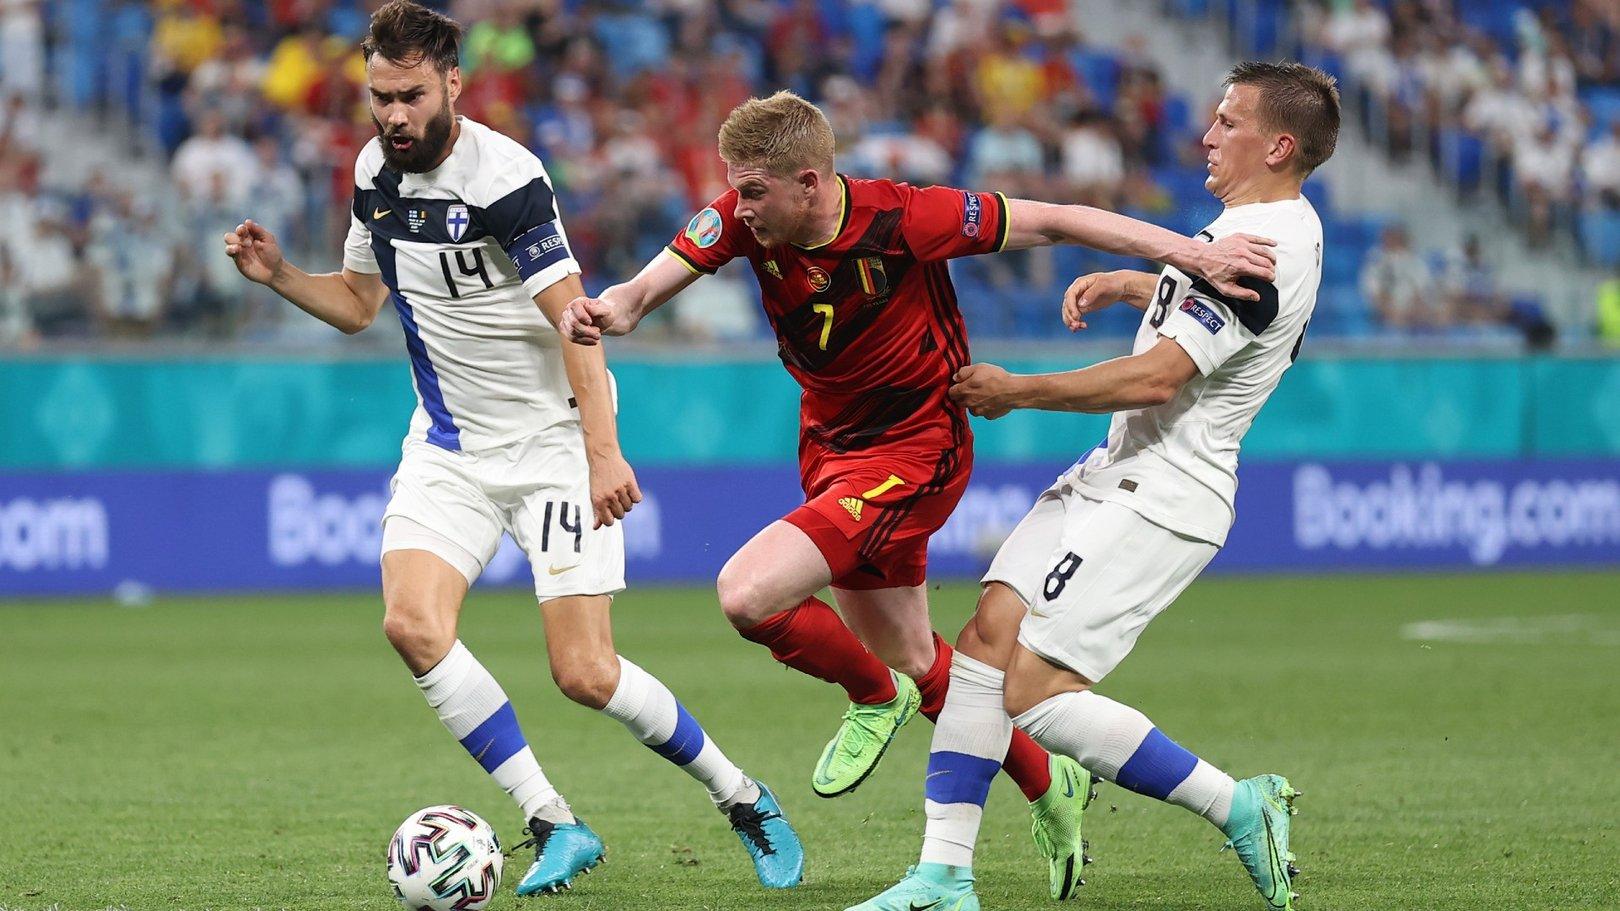 دي بروين يقود بلجيكا لتصدر المجموعة الثانية